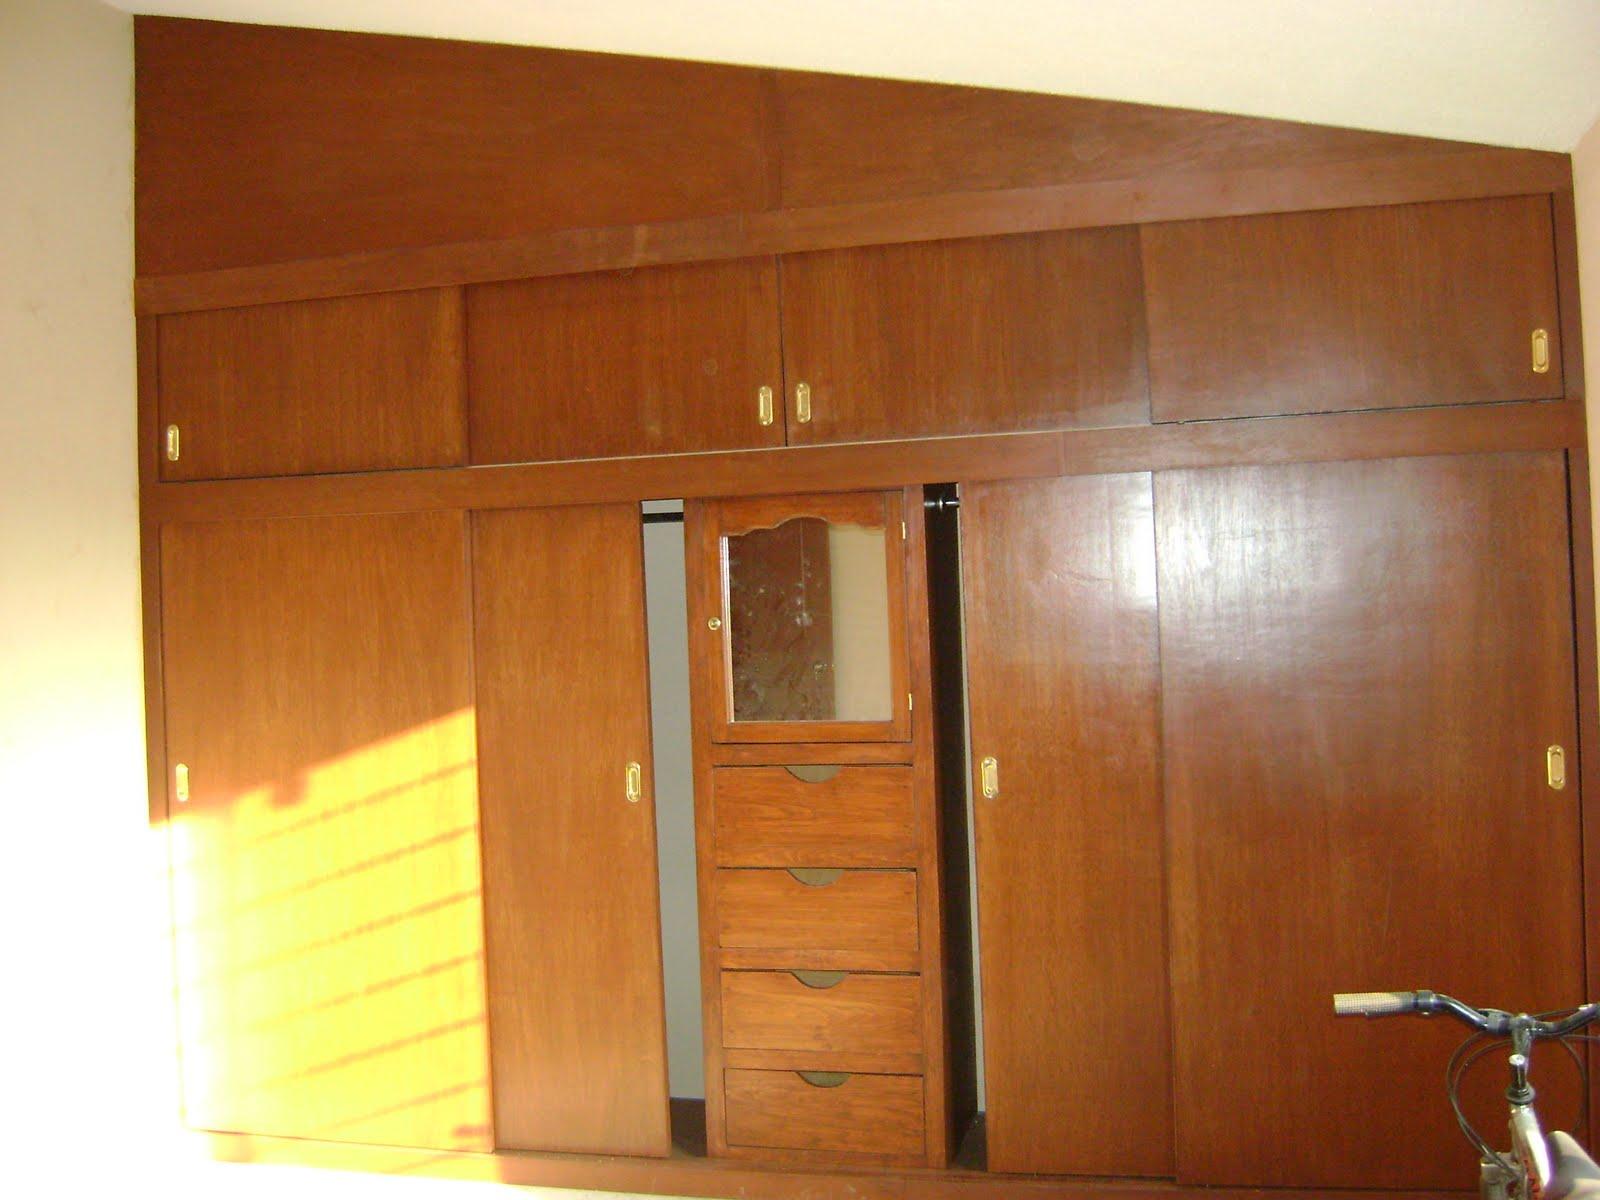 recomendamos plantas de banheiros com closet banheiros modernos #BA7B11 1600x1200 Banheiro Closet Fotos